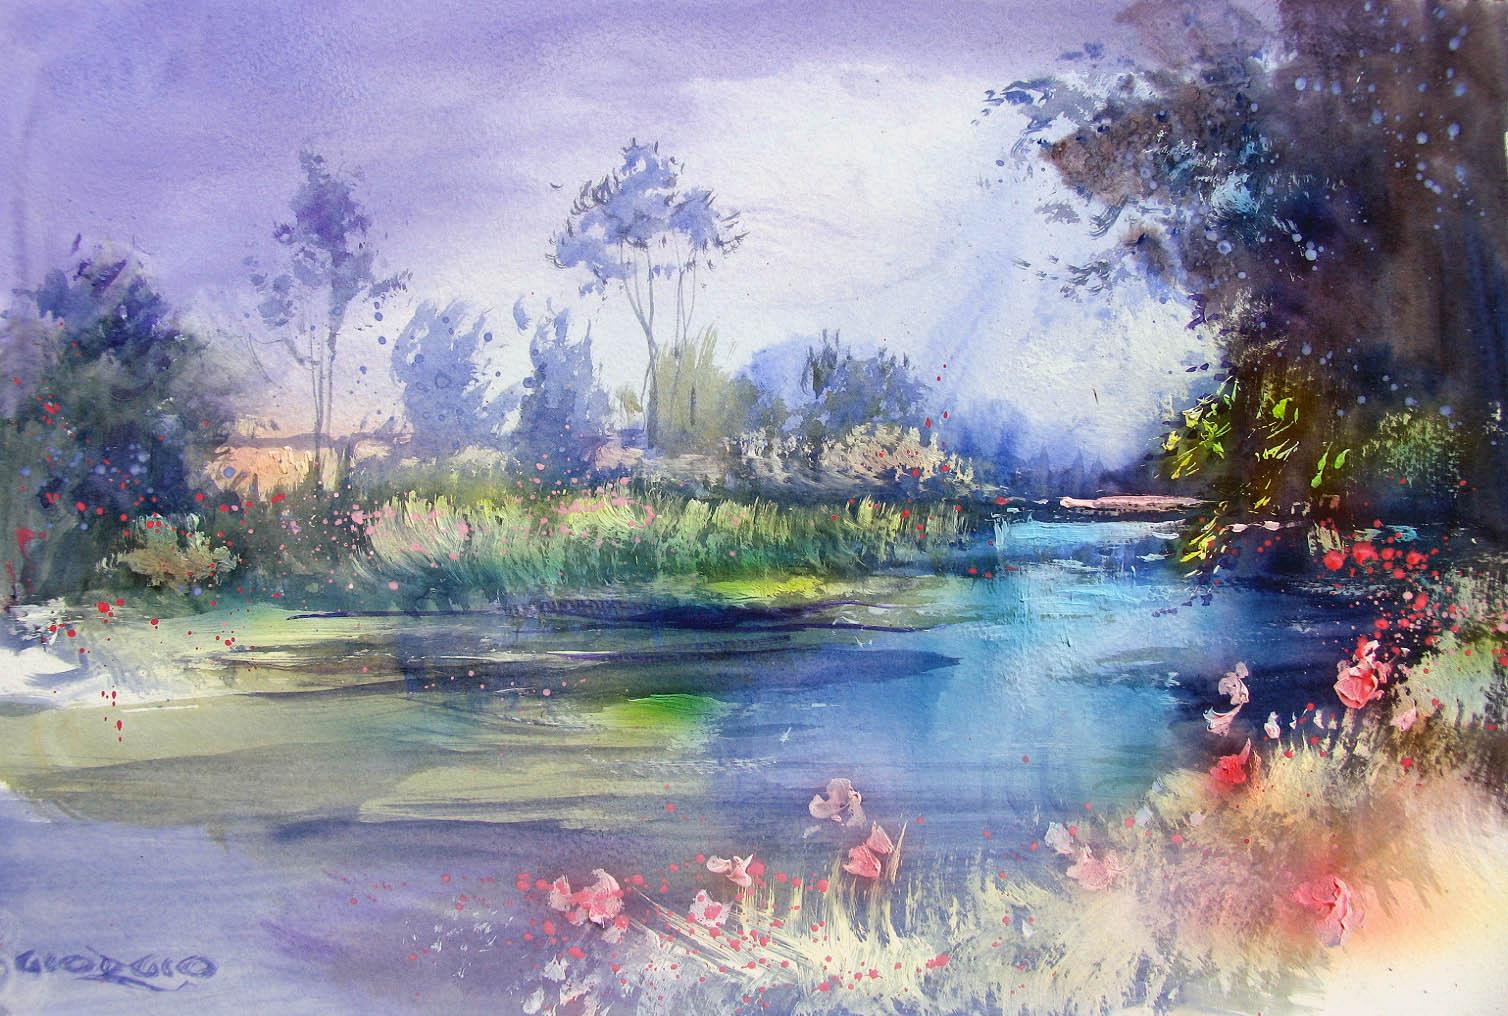 Soft Landscape Study